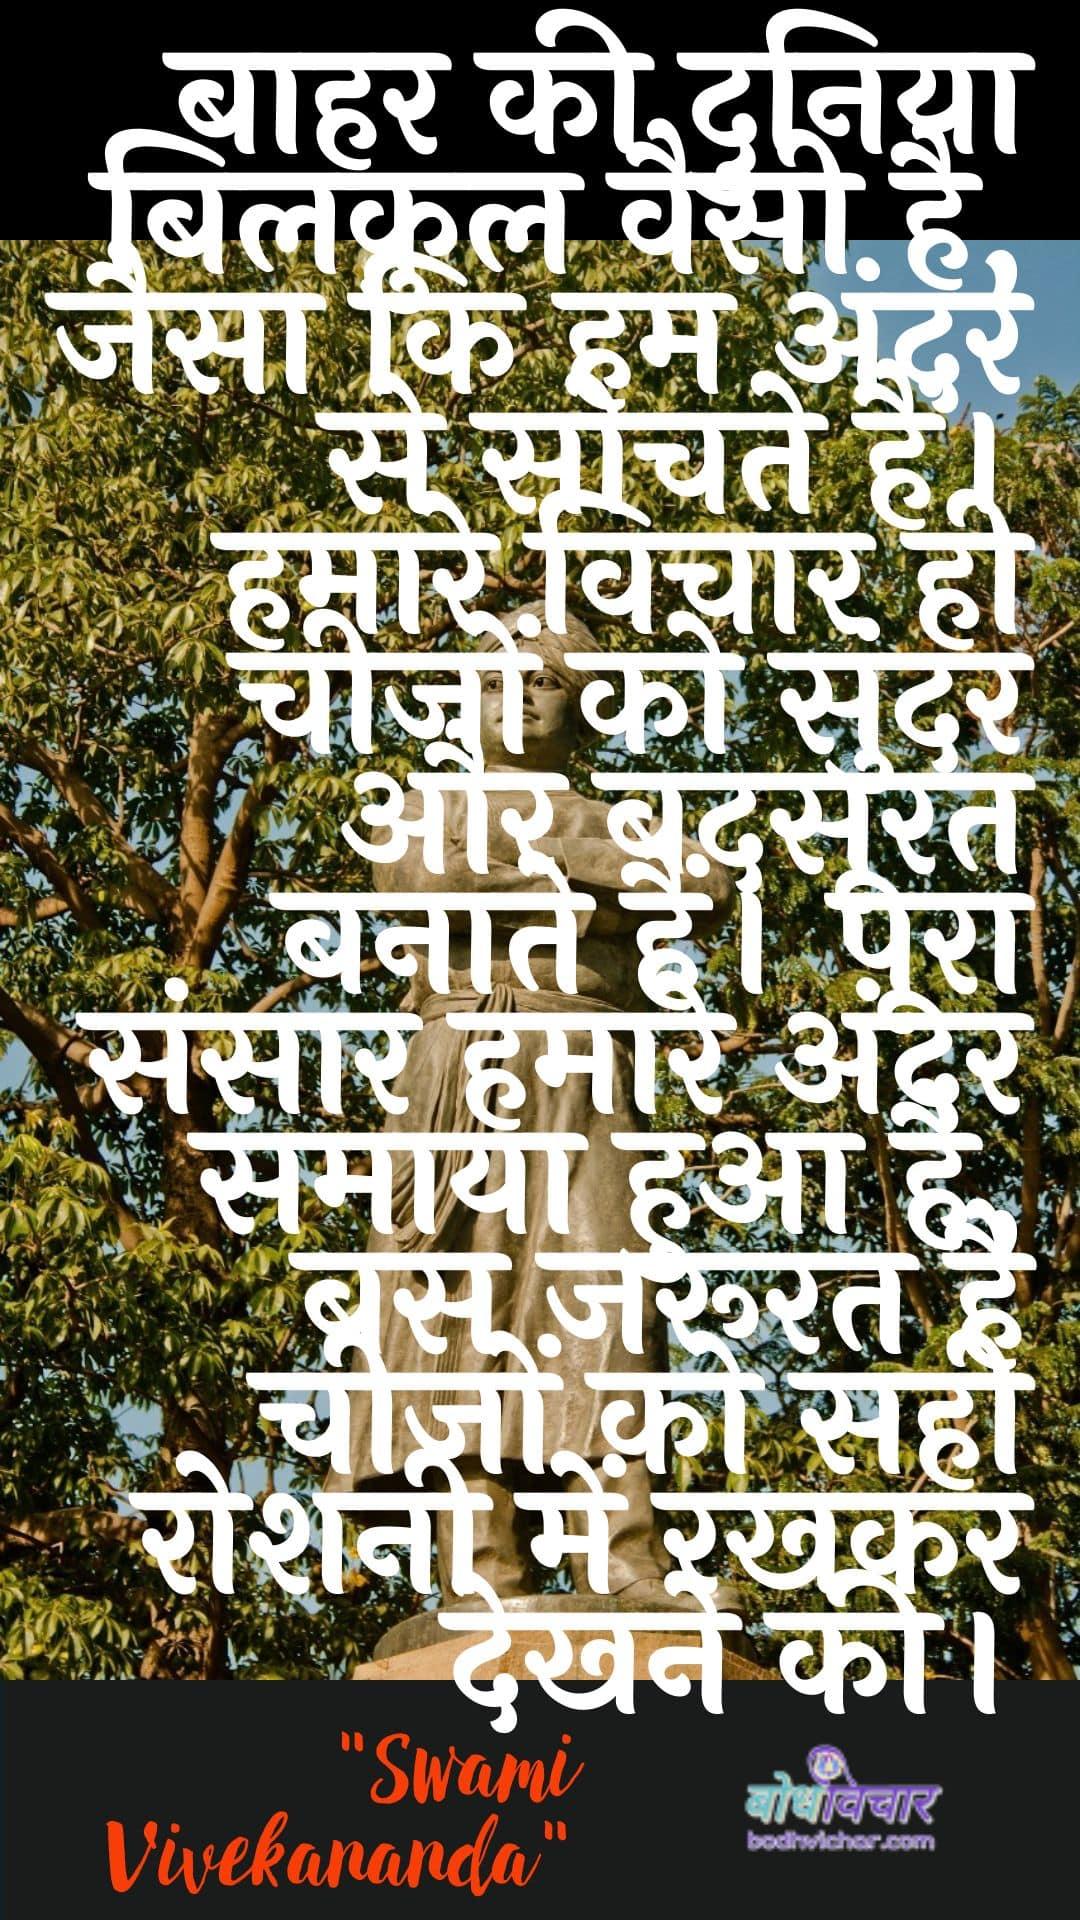 बाहर की दुनिया बिलकुल वैसी है, जैसा कि हम अंदर से सोचते हैं। हमारे विचार ही चीजों को सुंदर और बदसूरत बनाते हैं। पूरा संसार हमारे अंदर समाया हुआ है, बस जरूरत है चीजों को सही रोशनी में रखकर देखने की। : Baahar kee duniya bilakul vaisee hai, jaisa ki ham andar se sochate hain. hamaare vichaar hee cheejon ko sundar aur badasoorat banaate hain. poora sansaar hamaare andar samaaya hua hai, bas jaroorat hai cheejon ko sahee roshanee mein rakhakar dekhane kee. - स्वामी विवेकानन्द